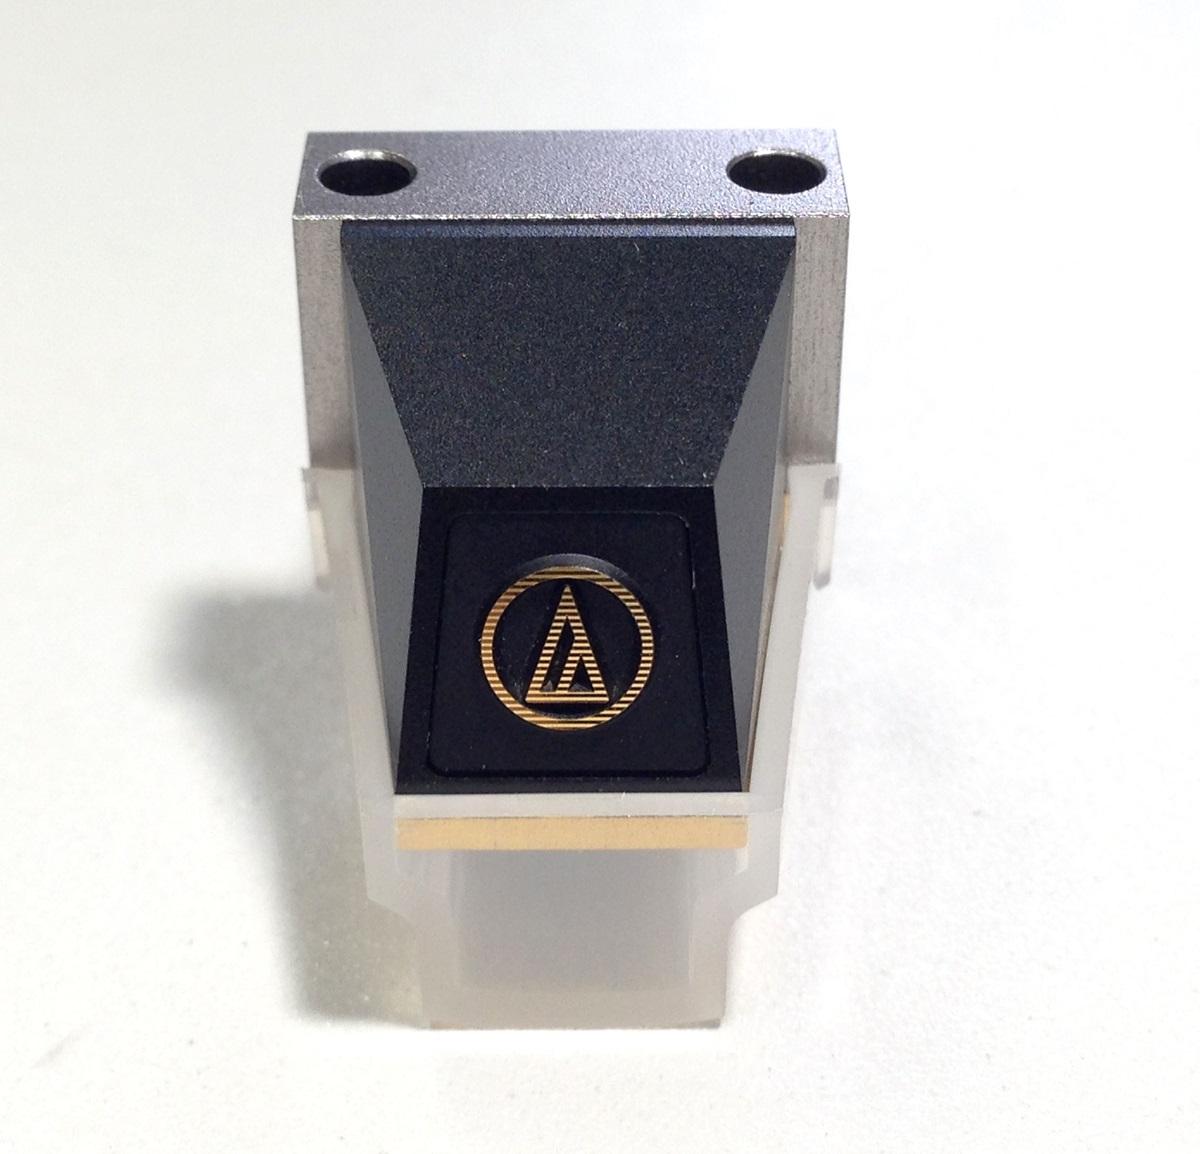 美品 audio-technica AT-ART7 MC型 カートリッジ 針カバー/ケース等付属品有 出力良好品 Audio Station_画像4